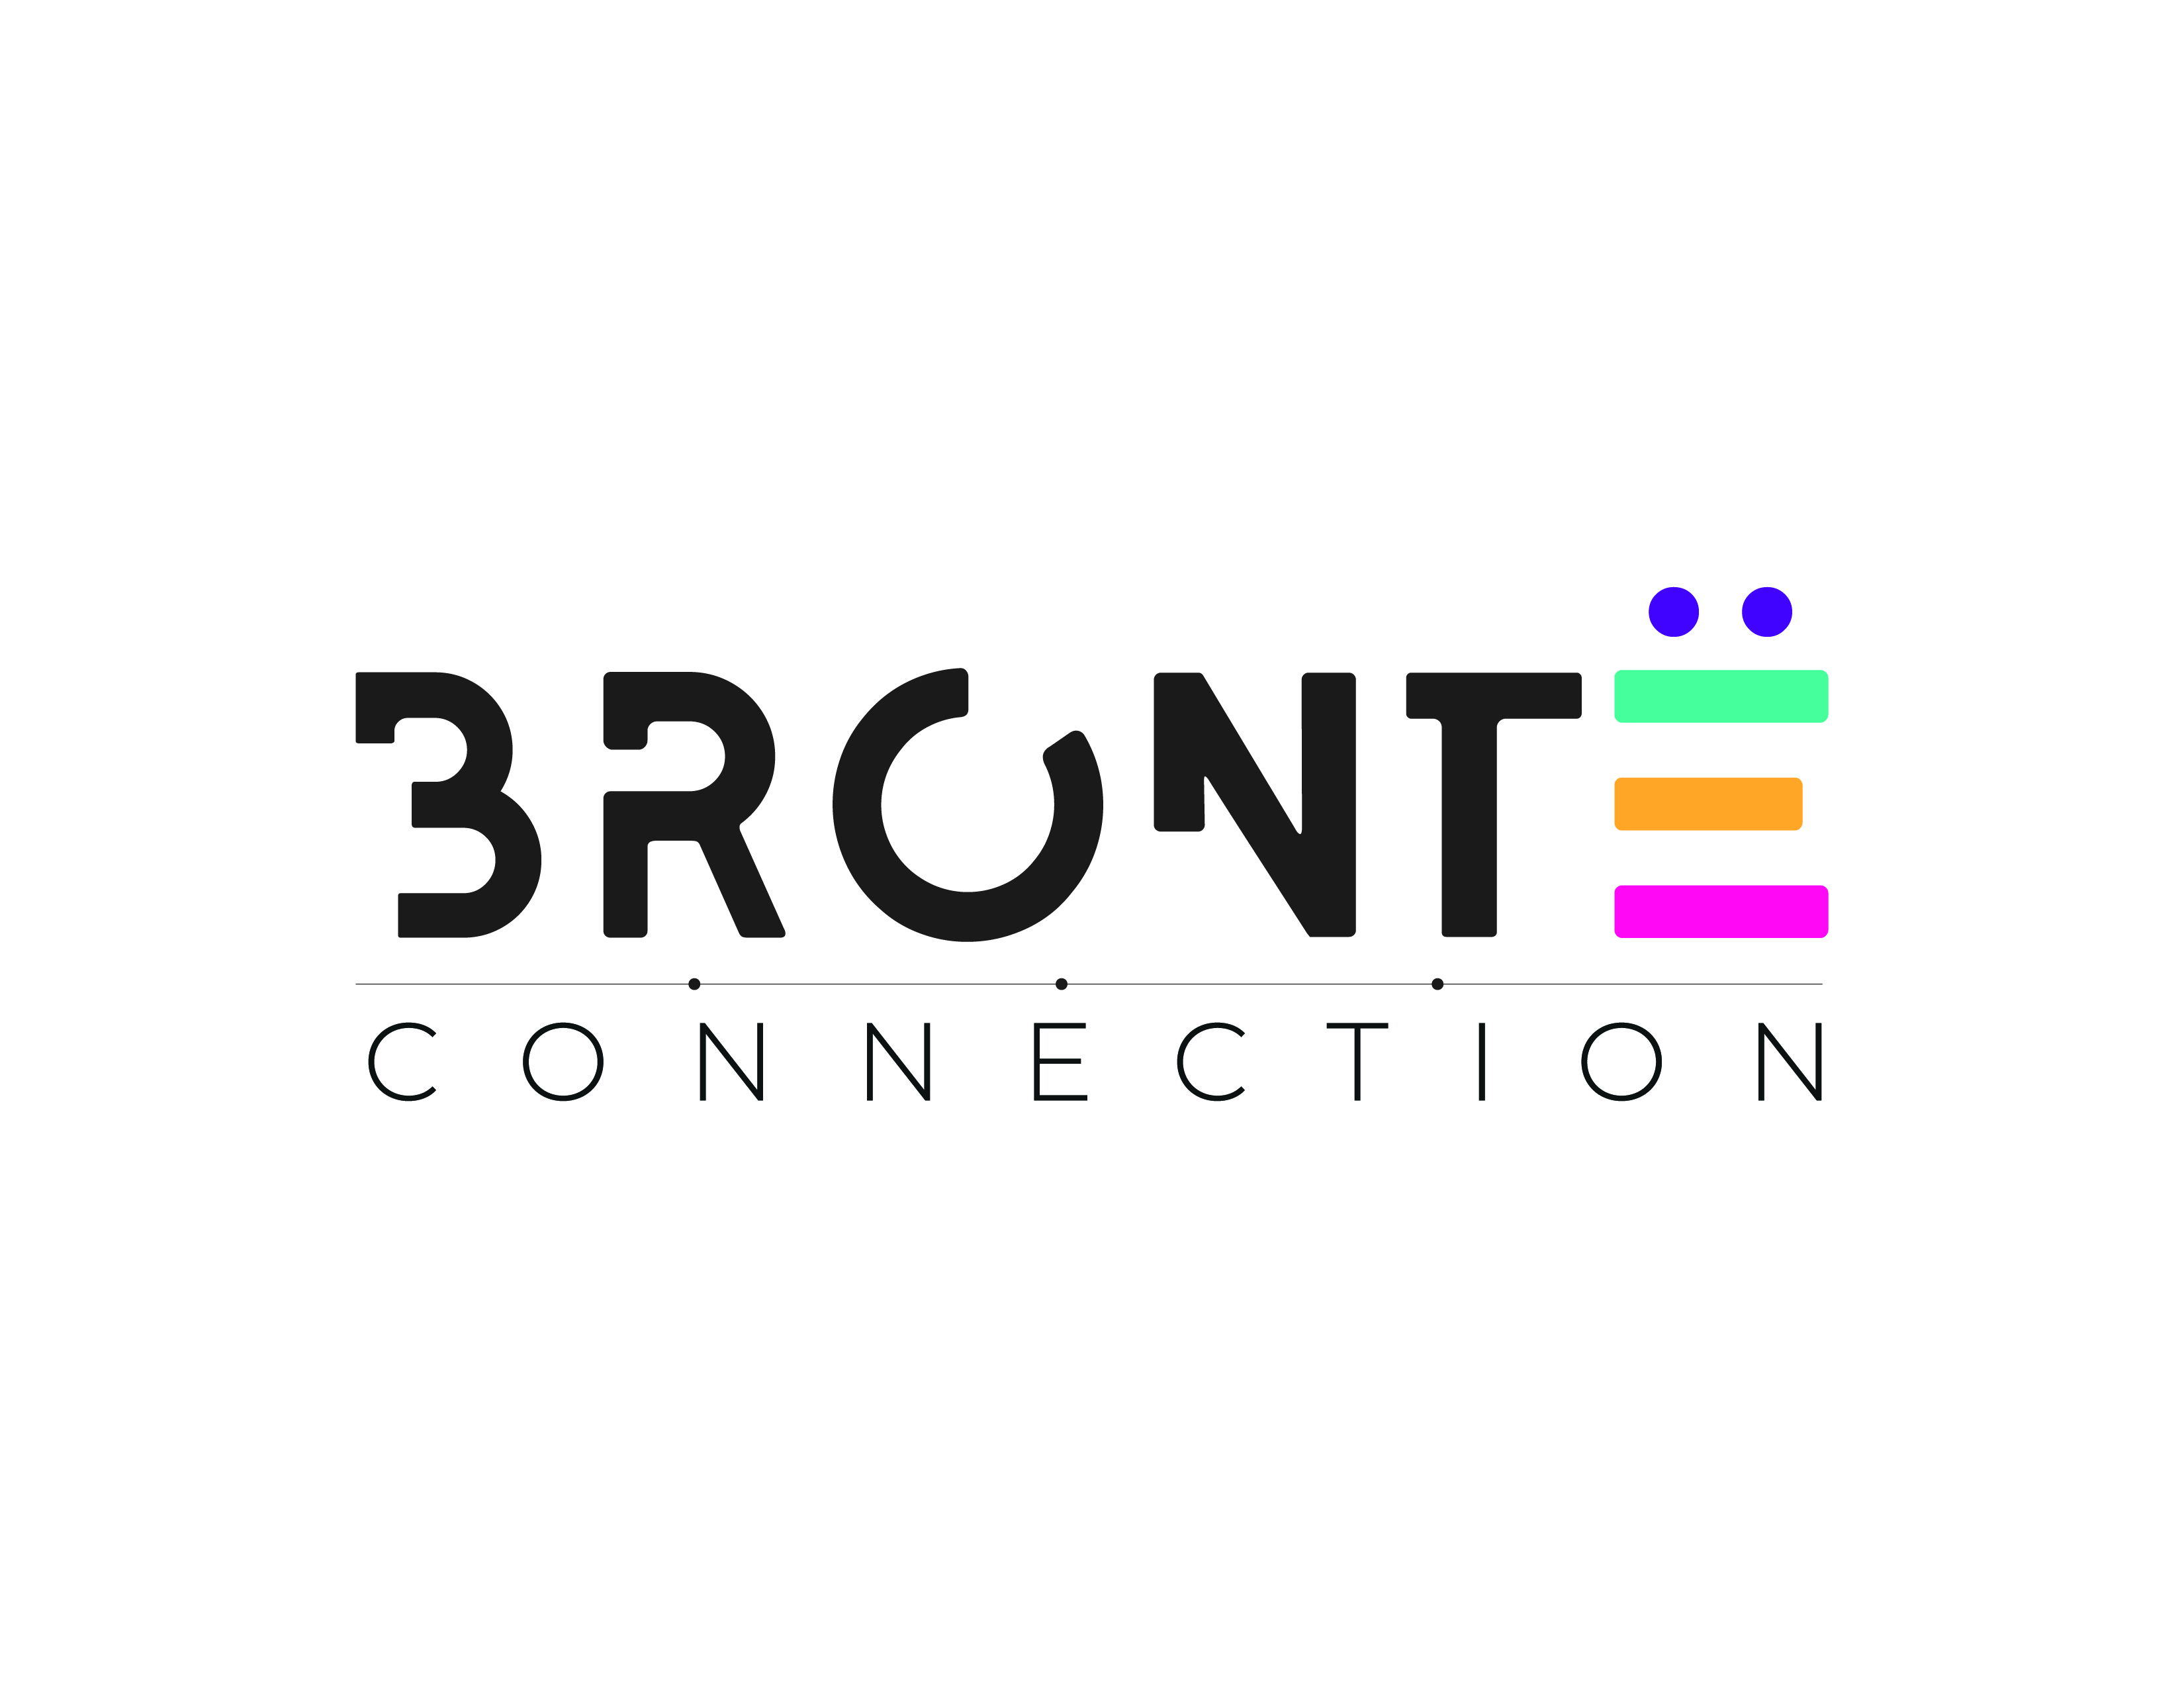 Brontë Connection